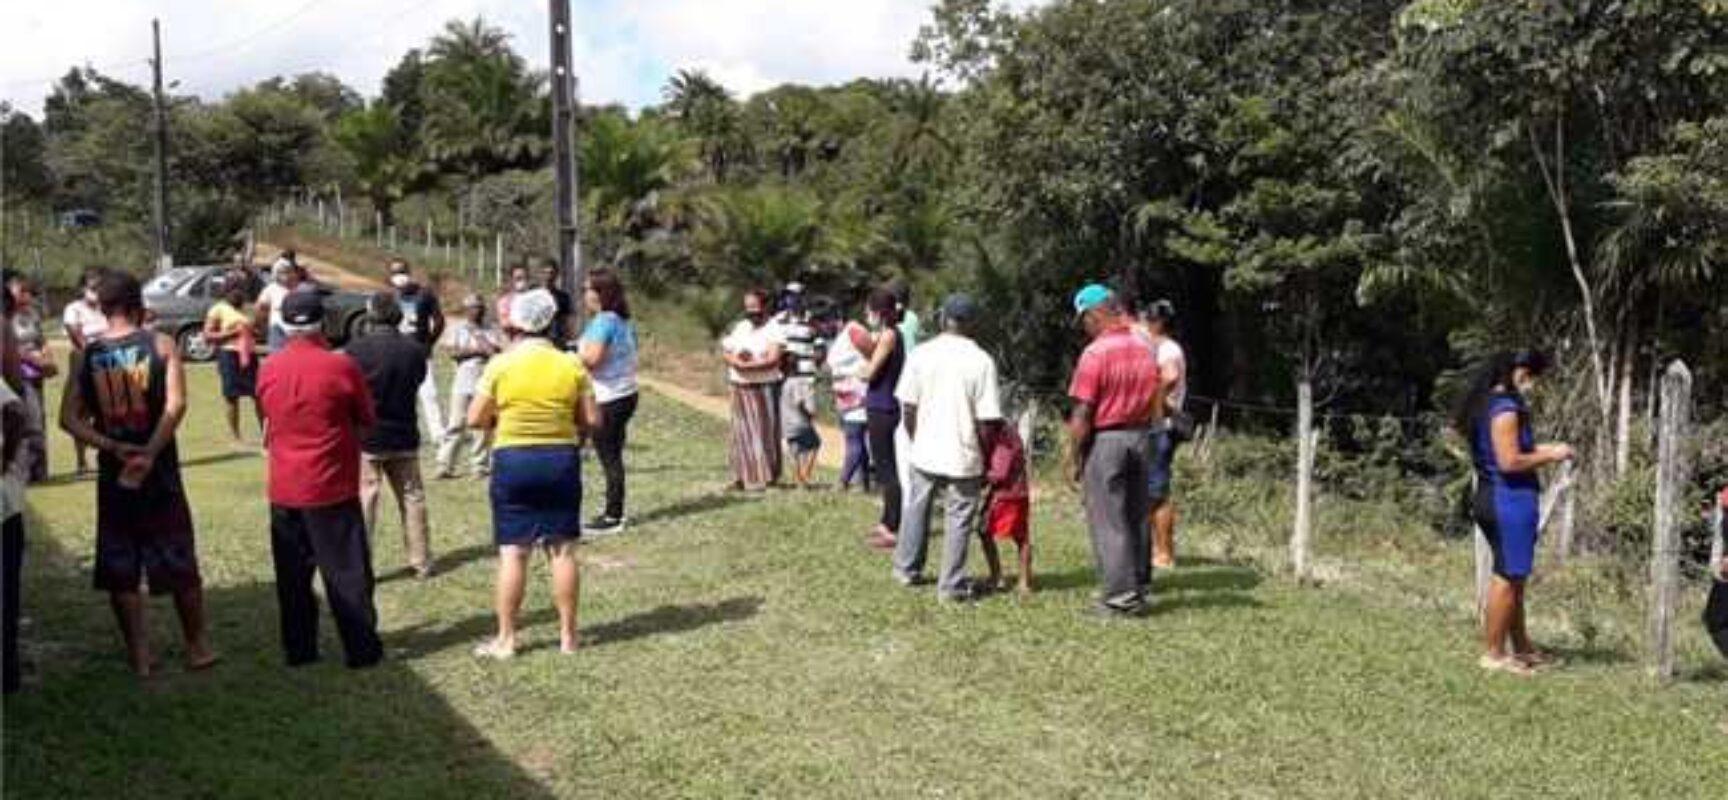 Covid-19: Saúde vacina 401 pessoas da zona rural em três dias